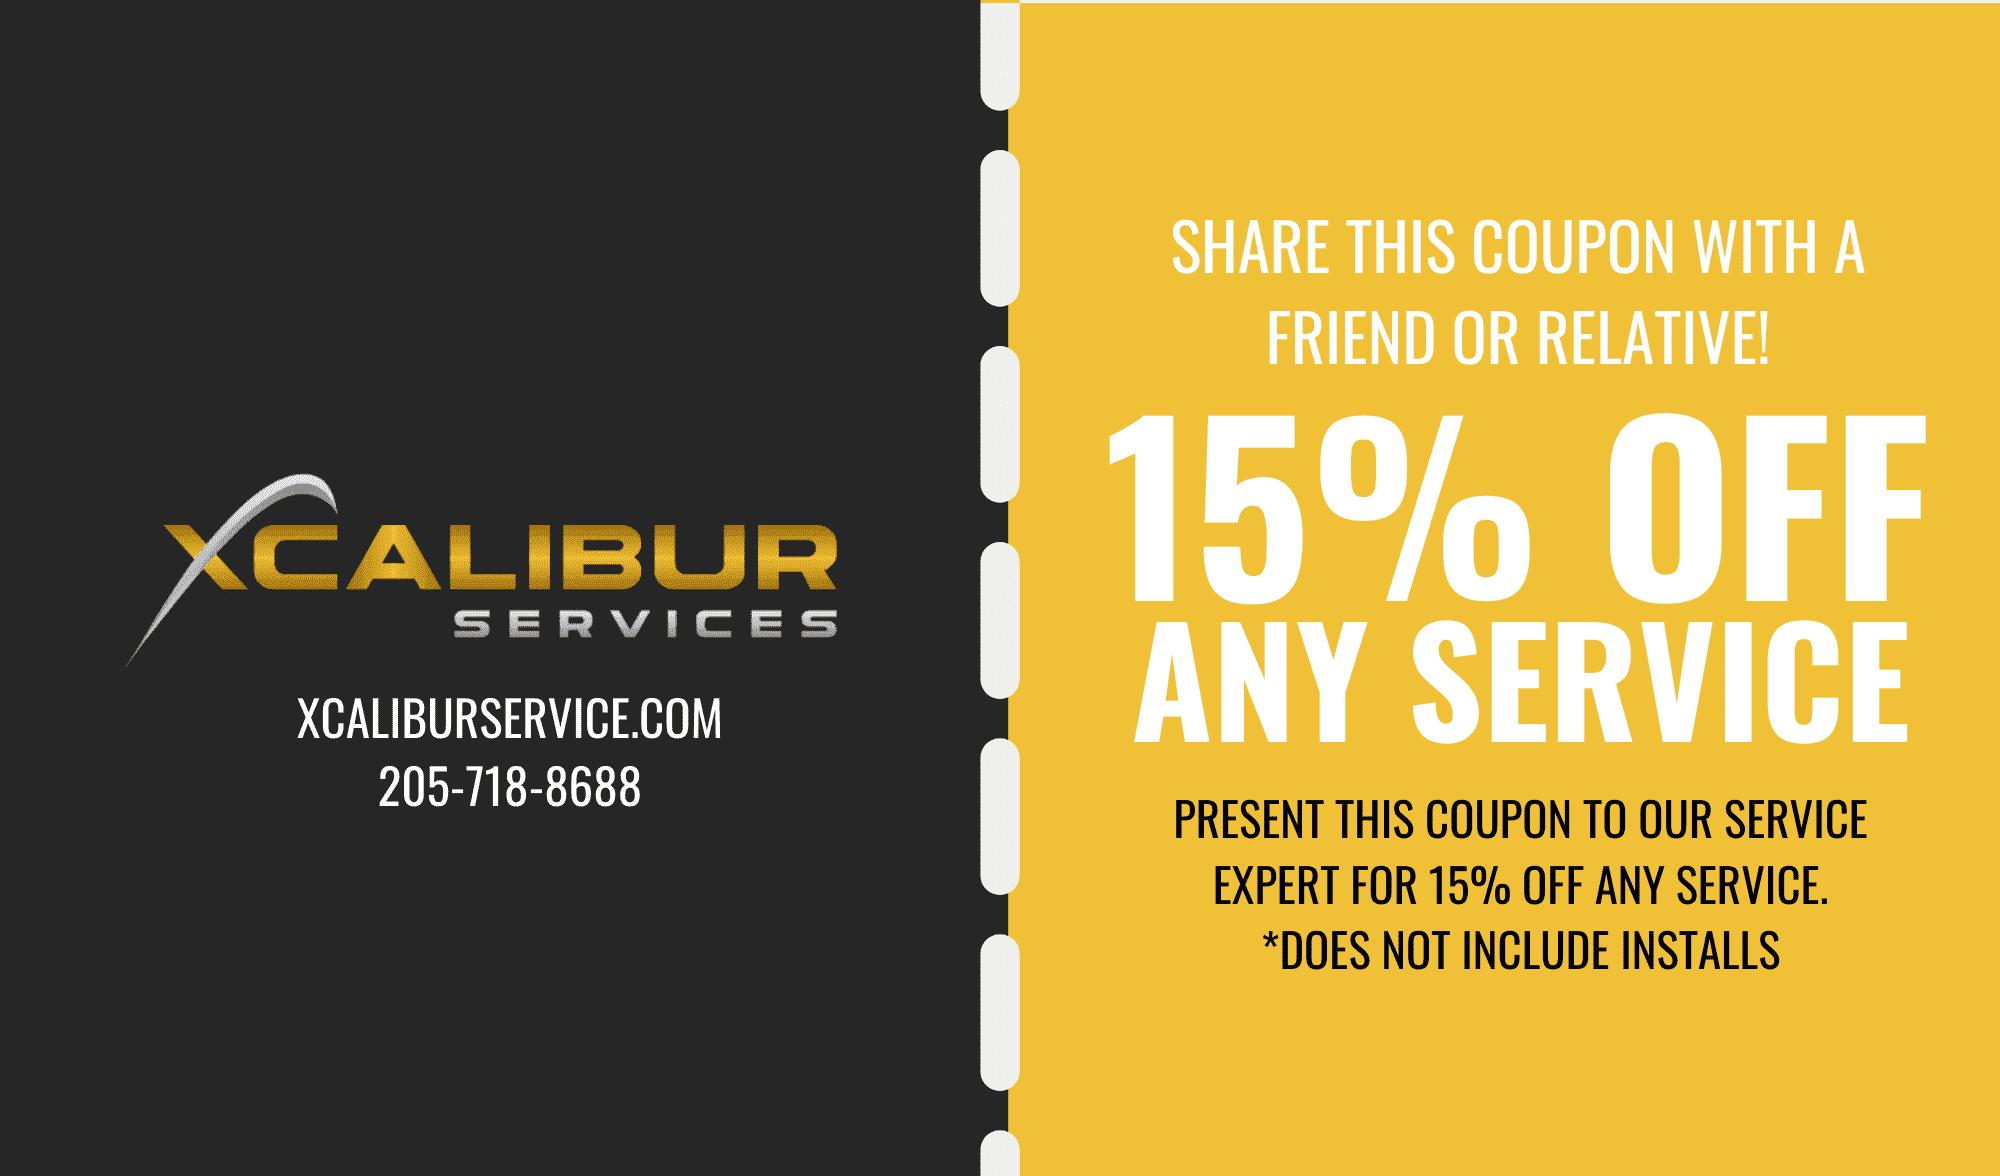 xcalibur_coupon7